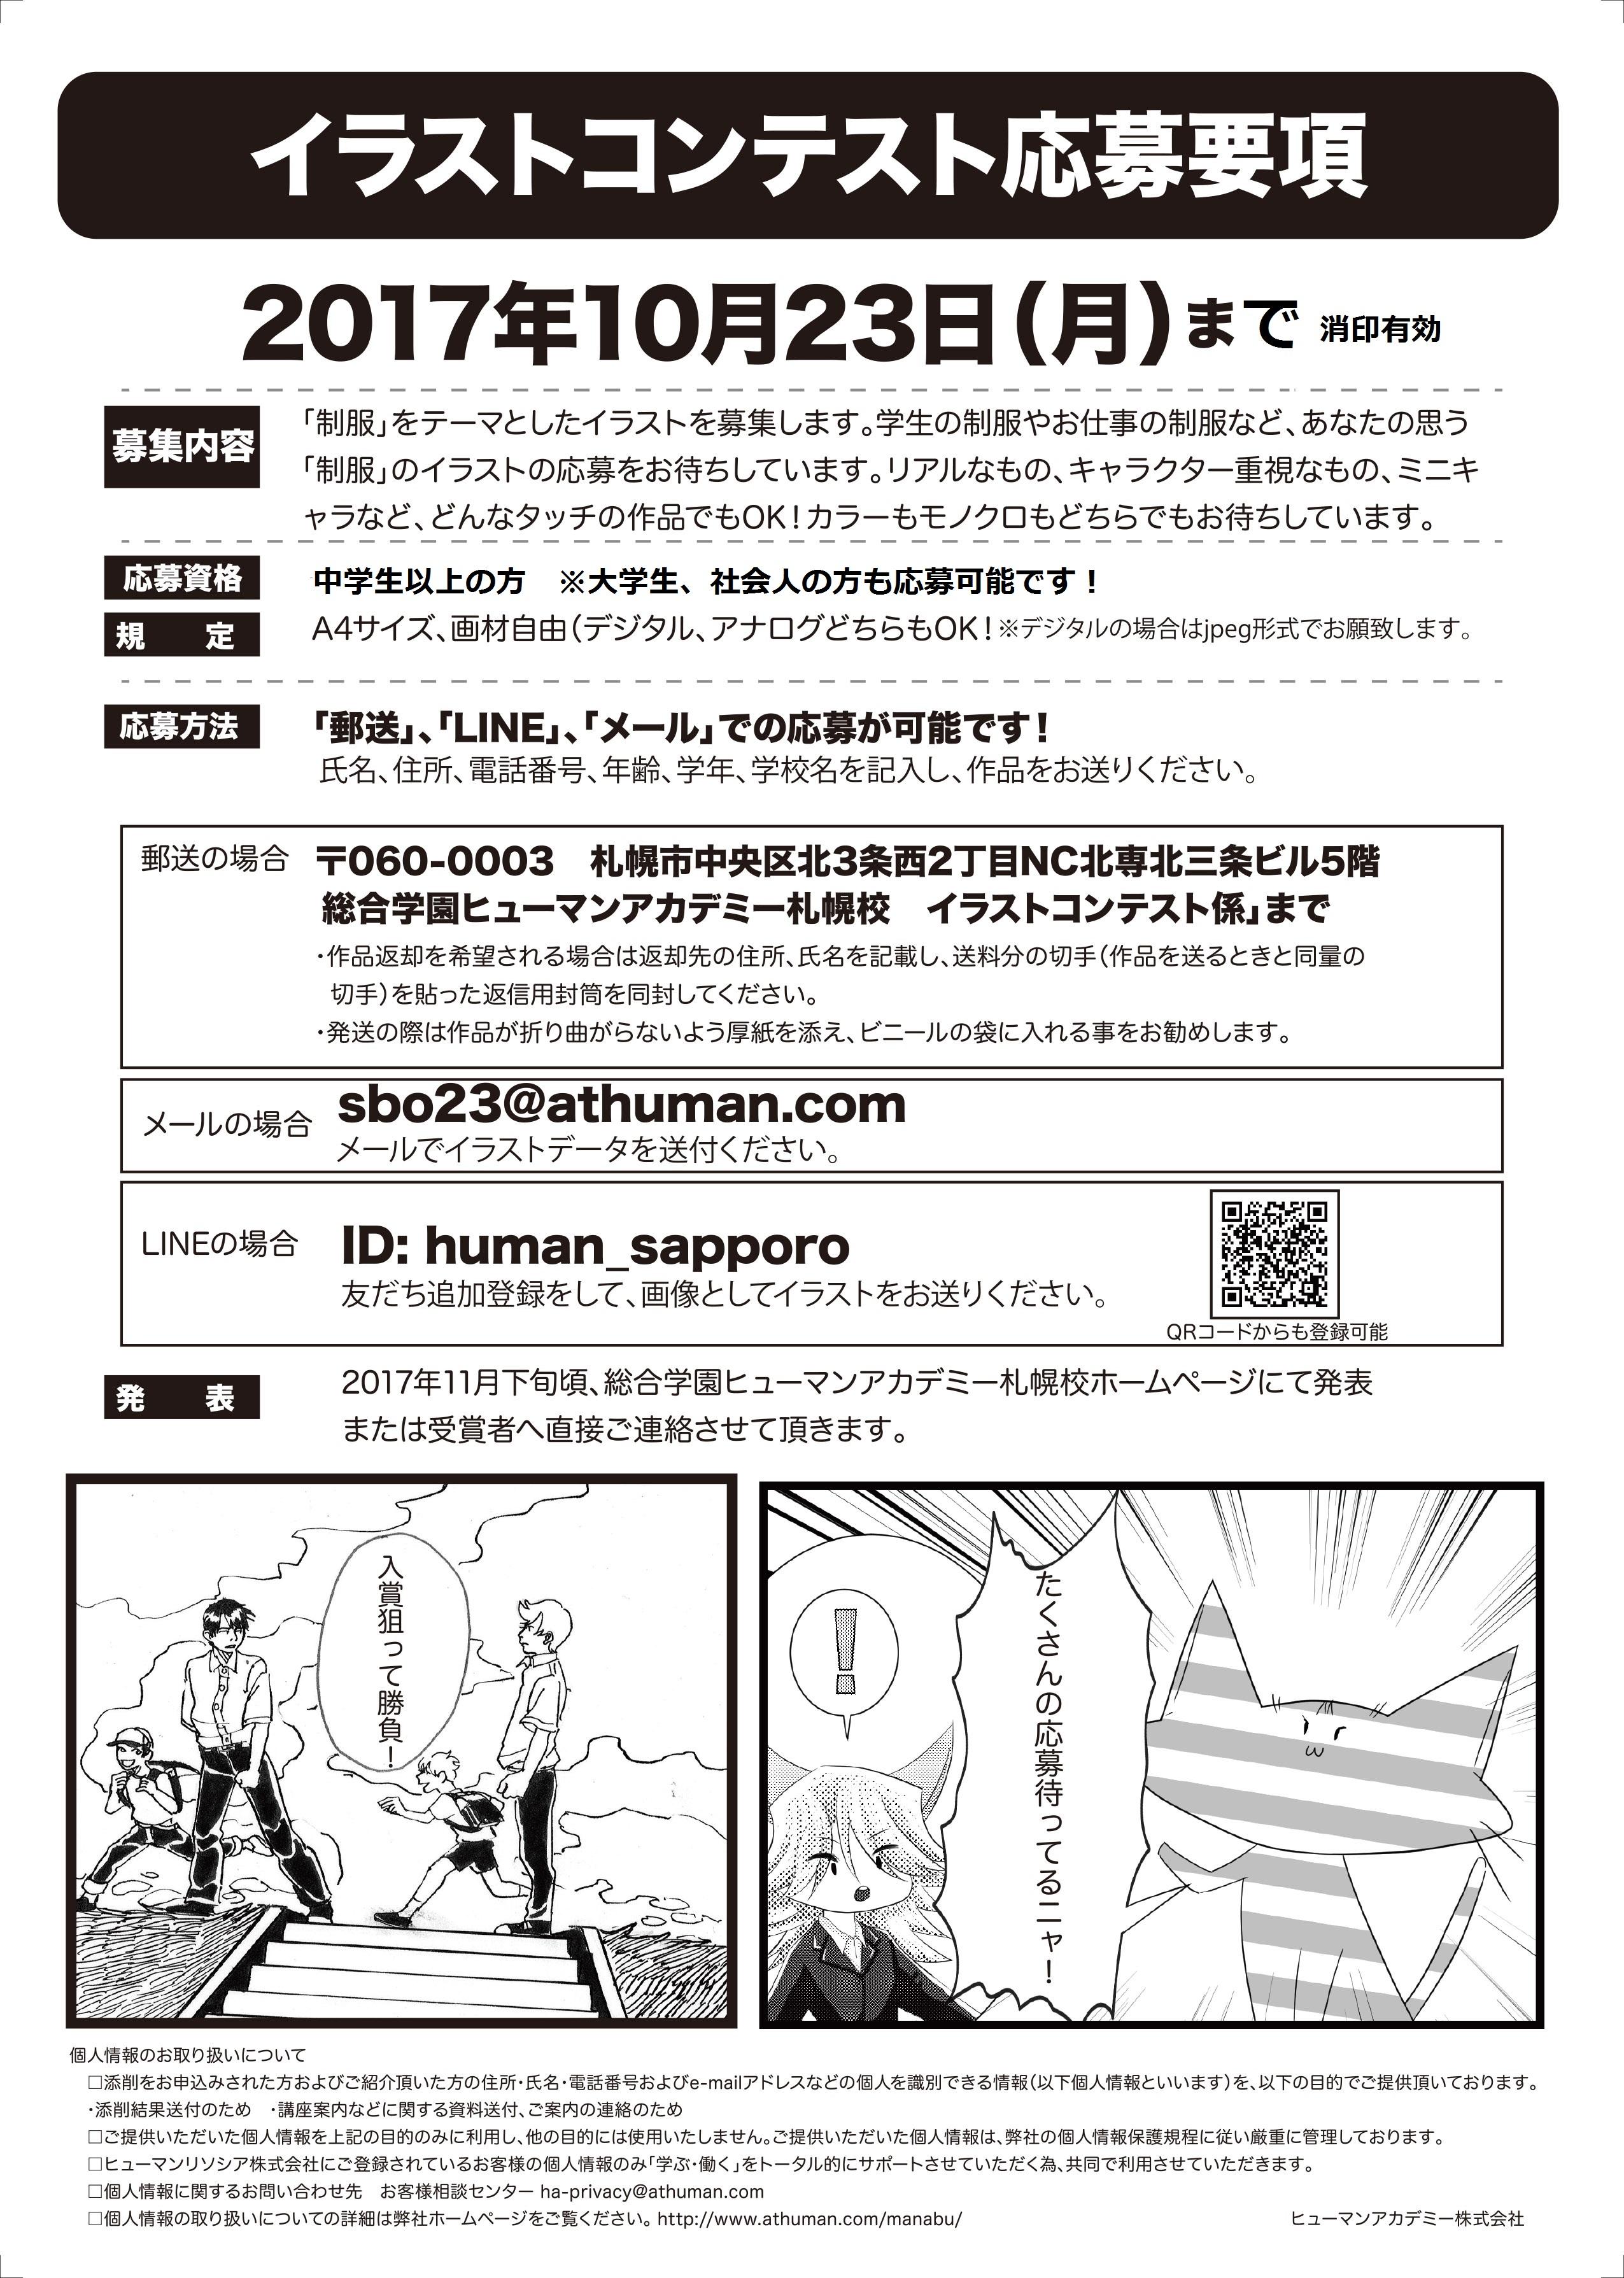 コンテスト概要 (1).jpg